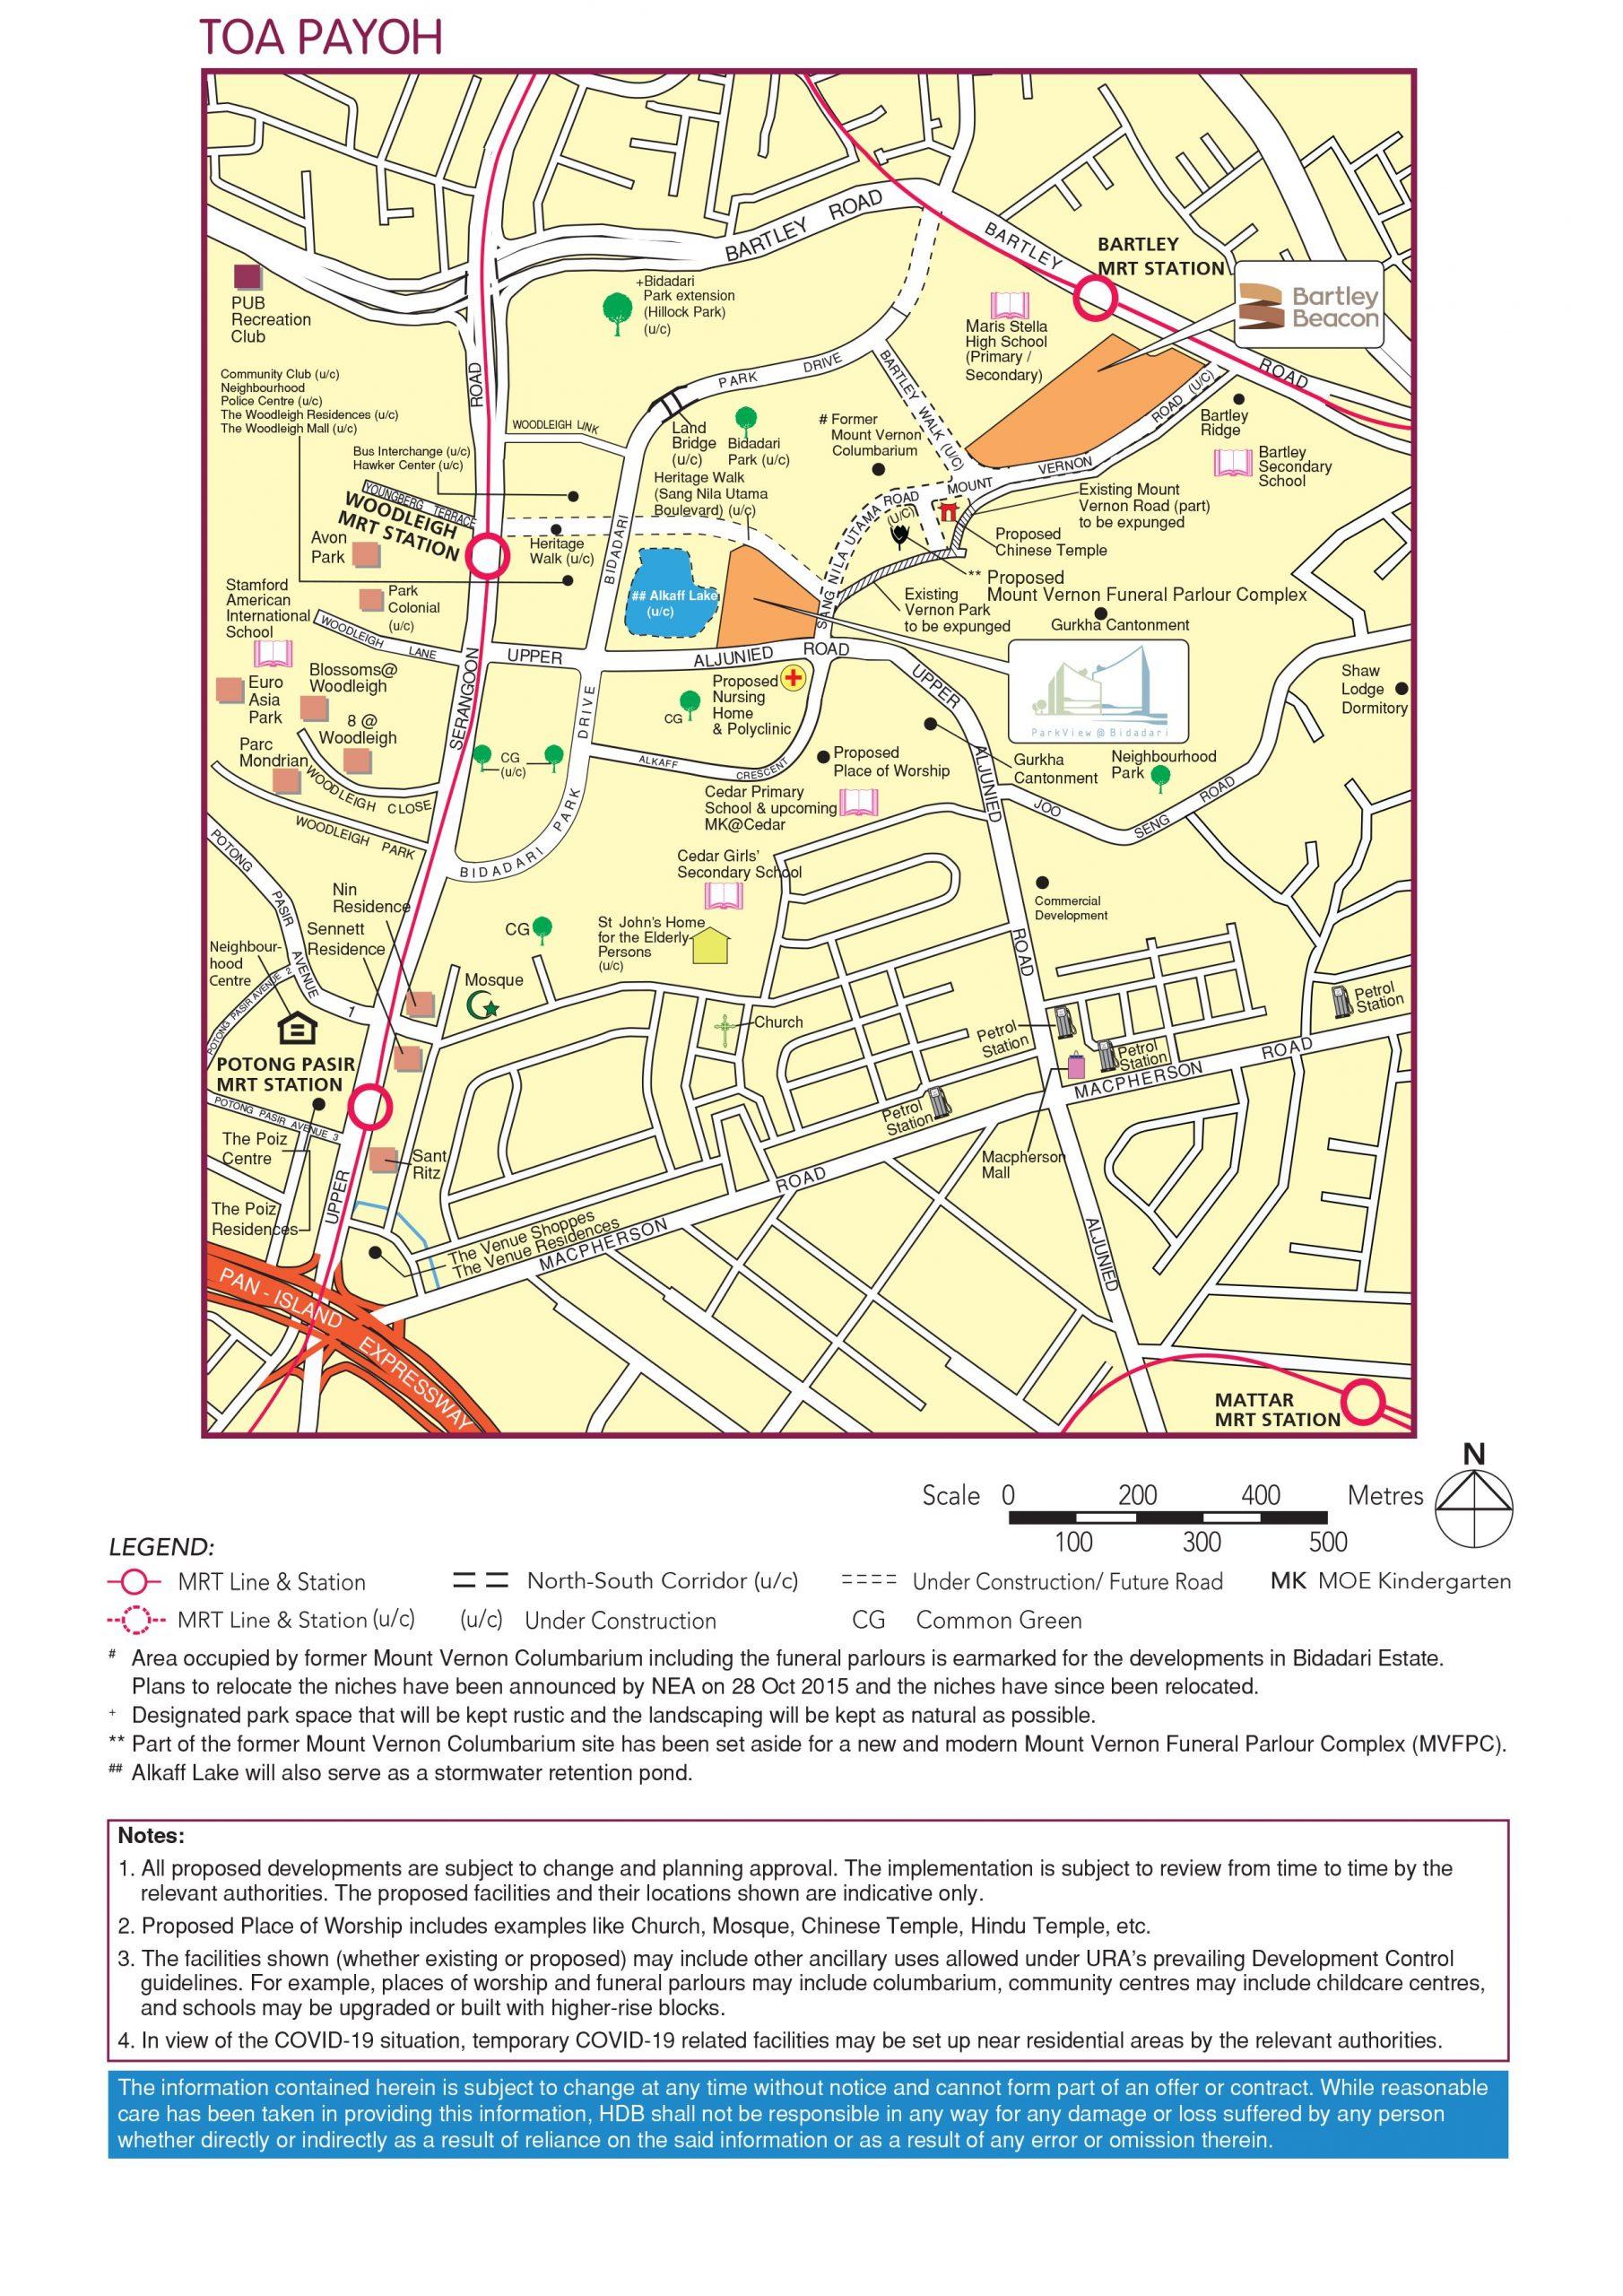 hdb nov 2020 bartley beacon parkview bidadari bto map toa payoh